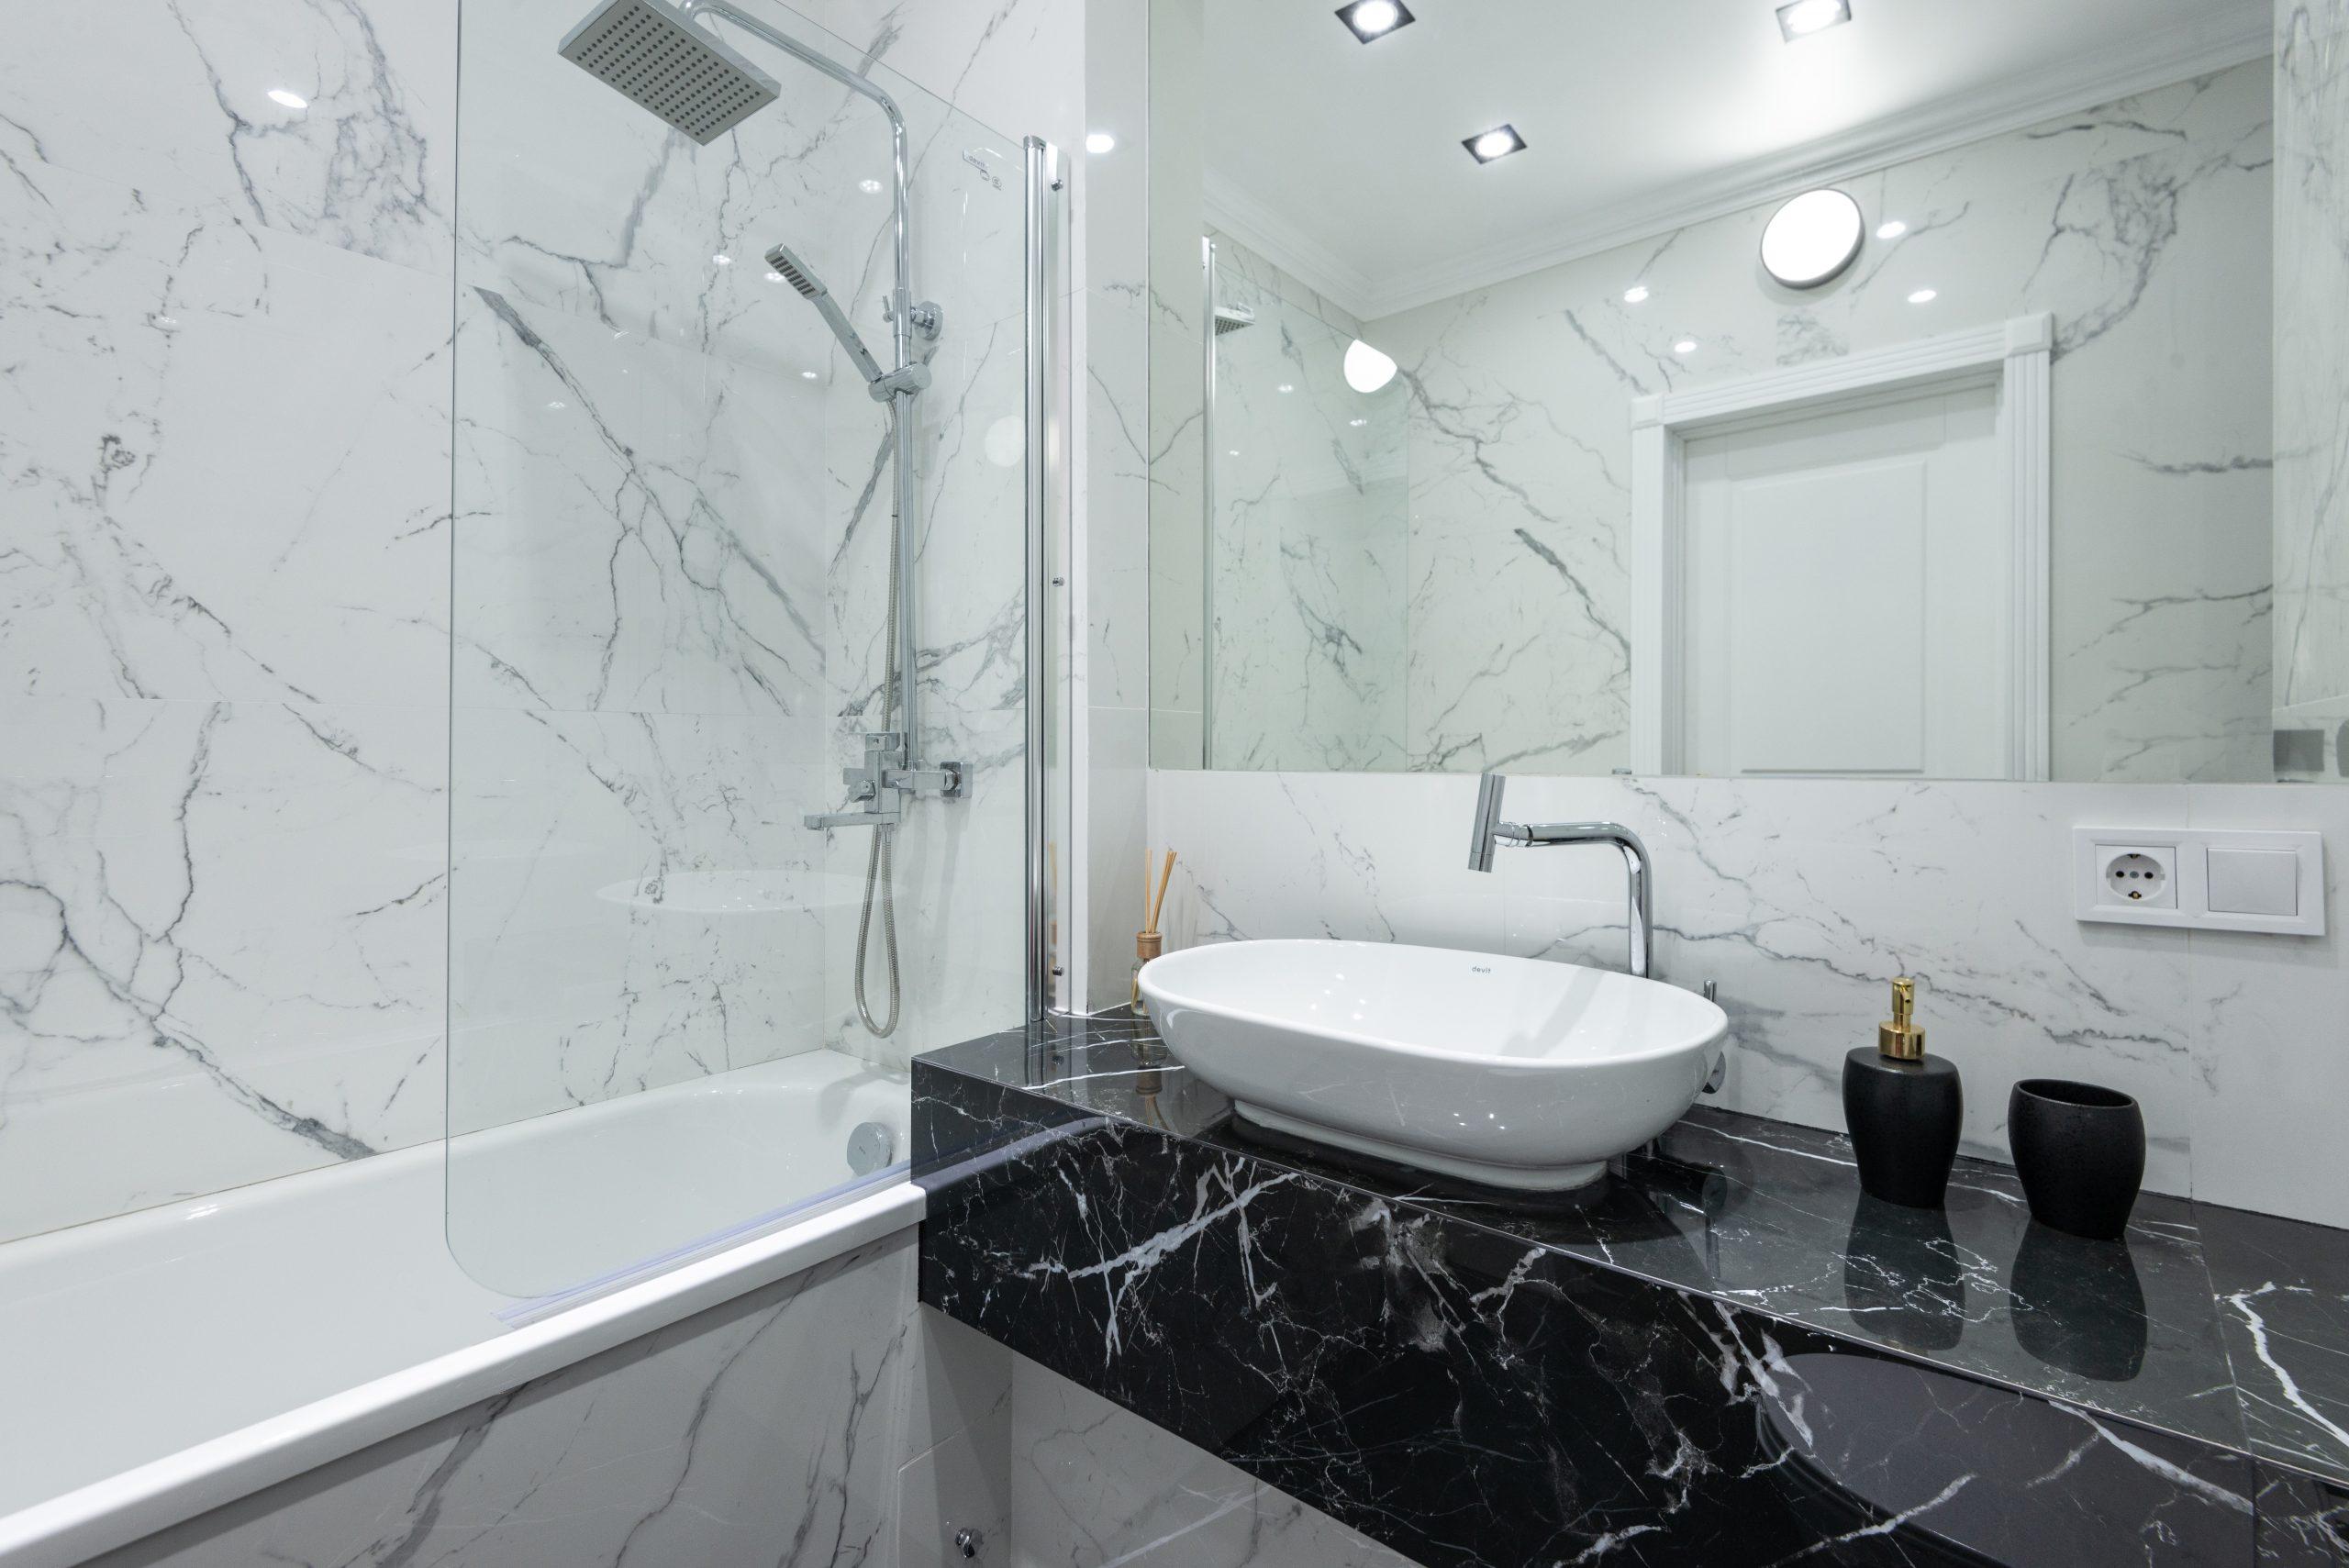 Jak założyć uszczelki do kabiny prysznicowej?